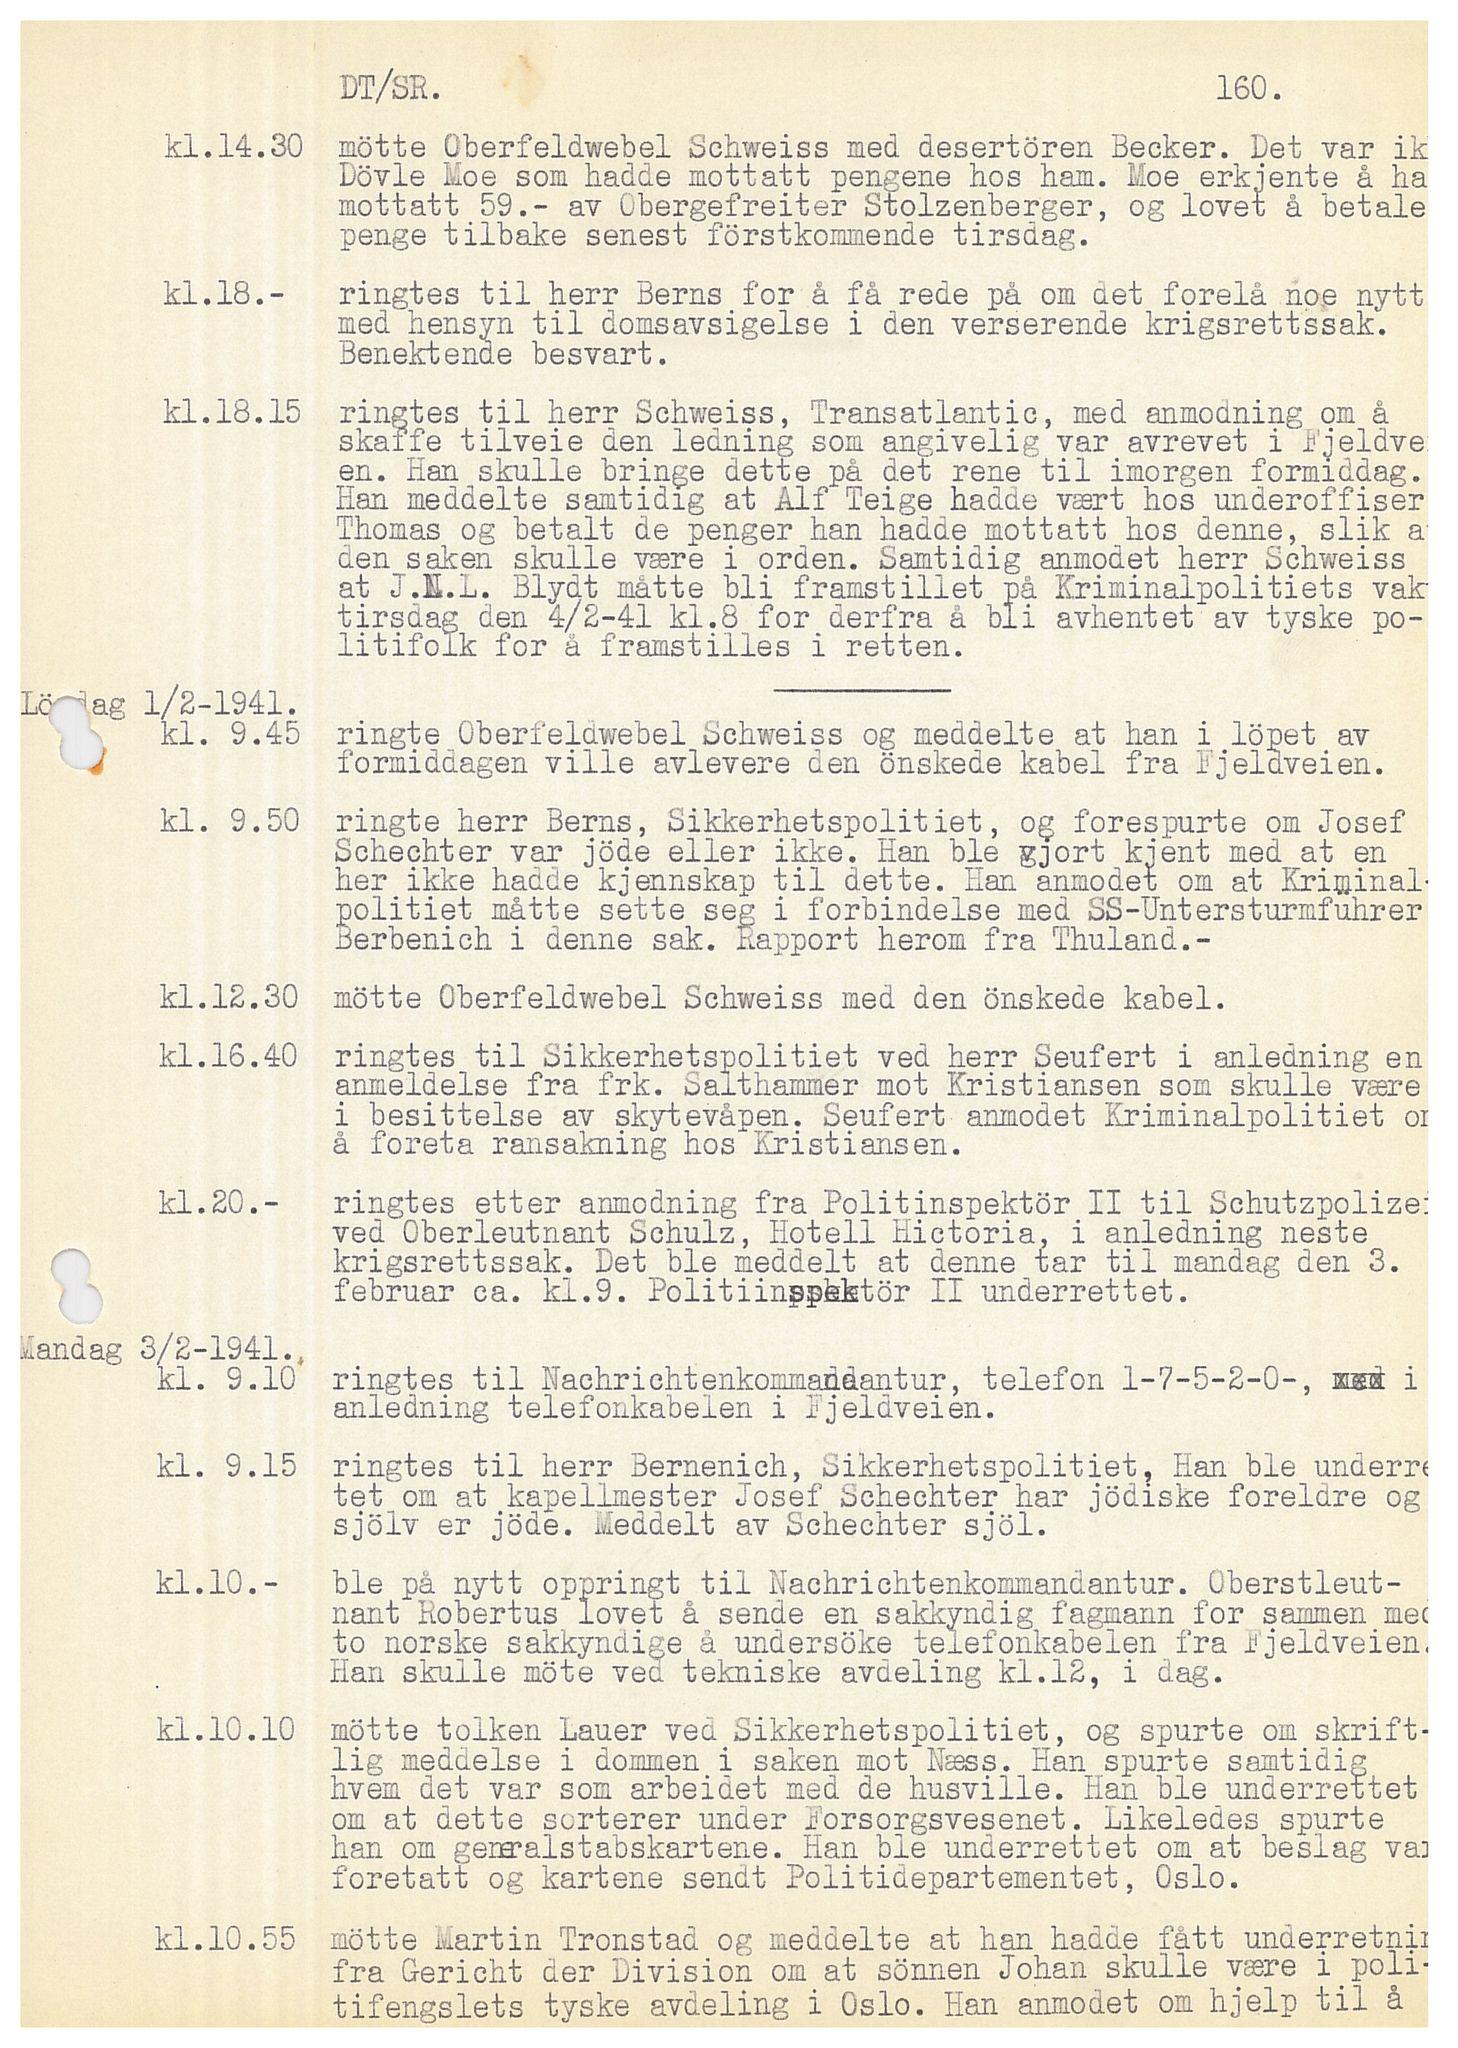 SAB, Bergen politidistrikt, Y/Ye/L0001: Avskrift av krigsdagbok av Dankert Thuland, 1940-1941, s. 160